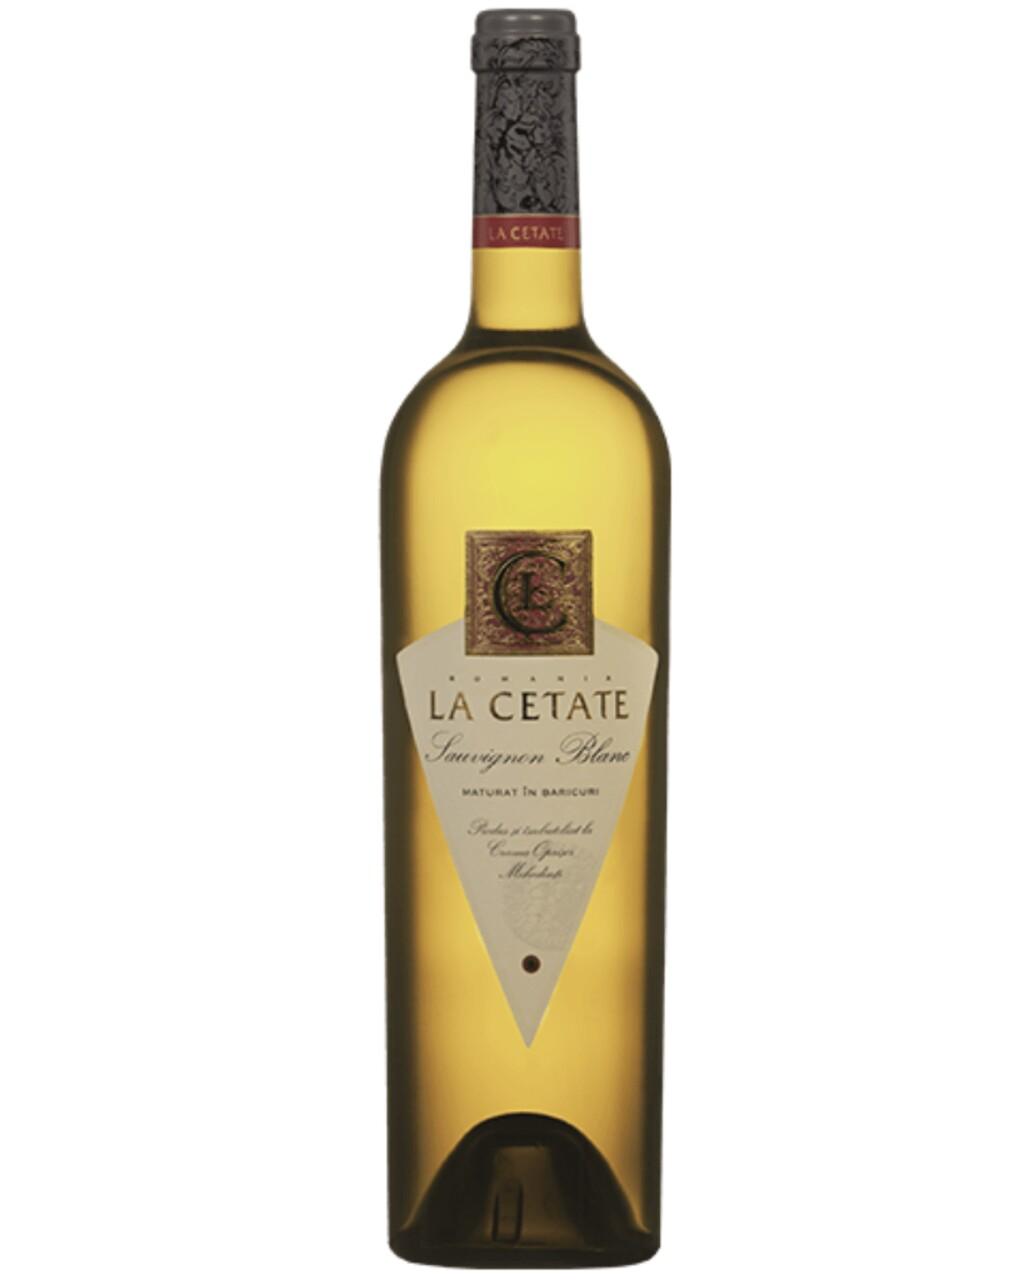 Oprisor La Cetate Sauvignon Blanc